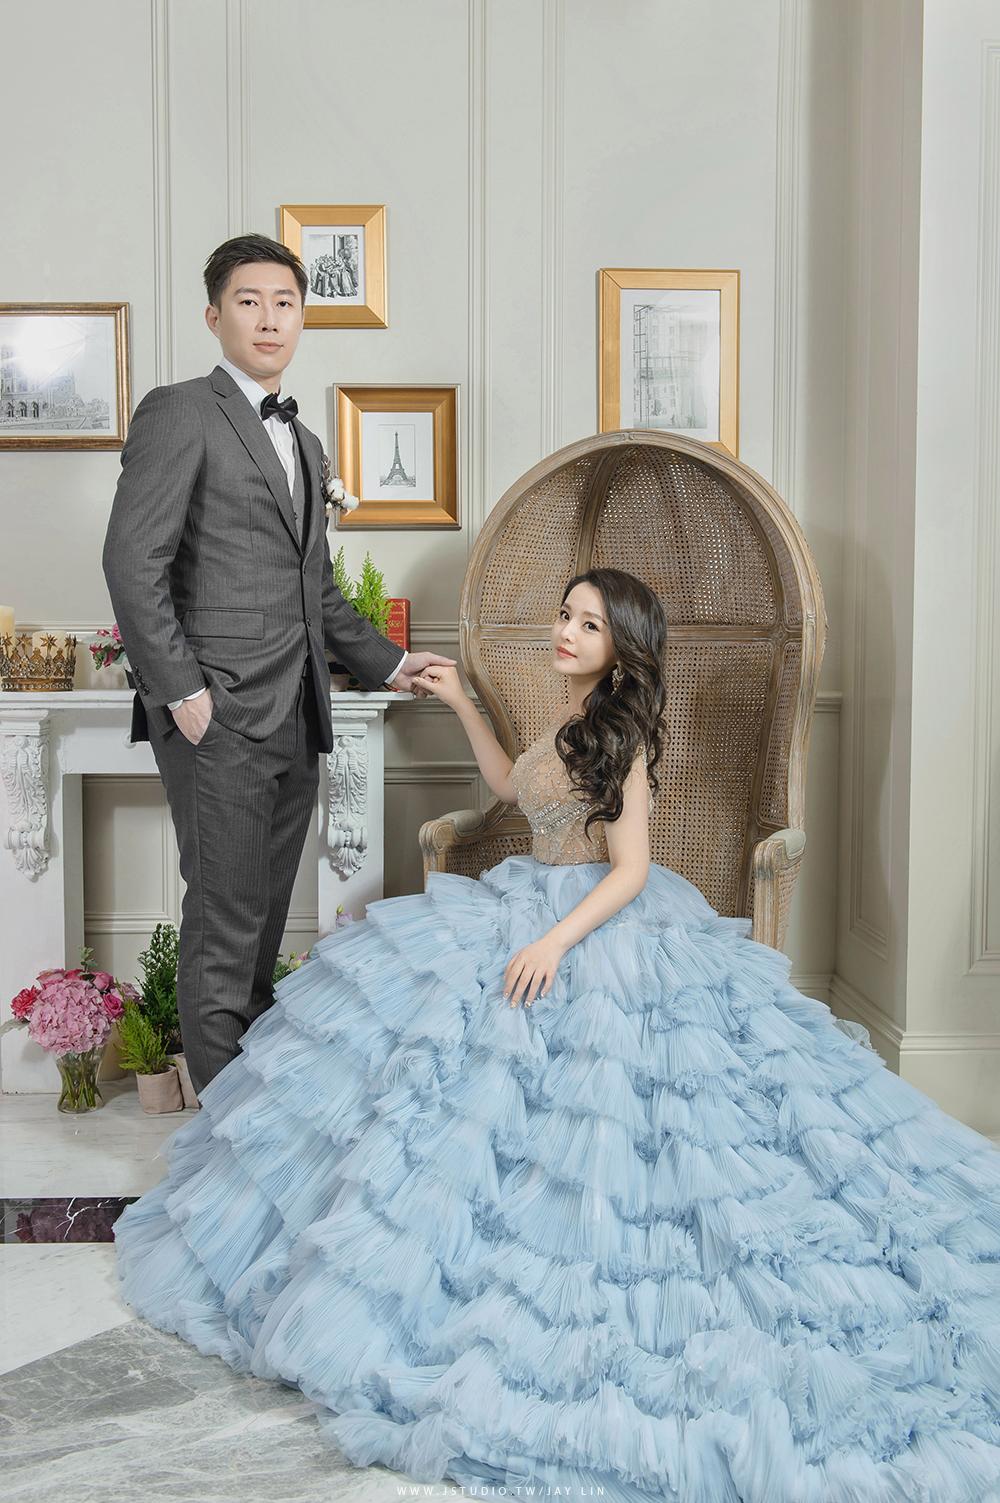 婚攝 台北婚攝 婚禮紀錄 婚攝 推薦婚攝 翡麗詩莊園 JSTUDIO_0115